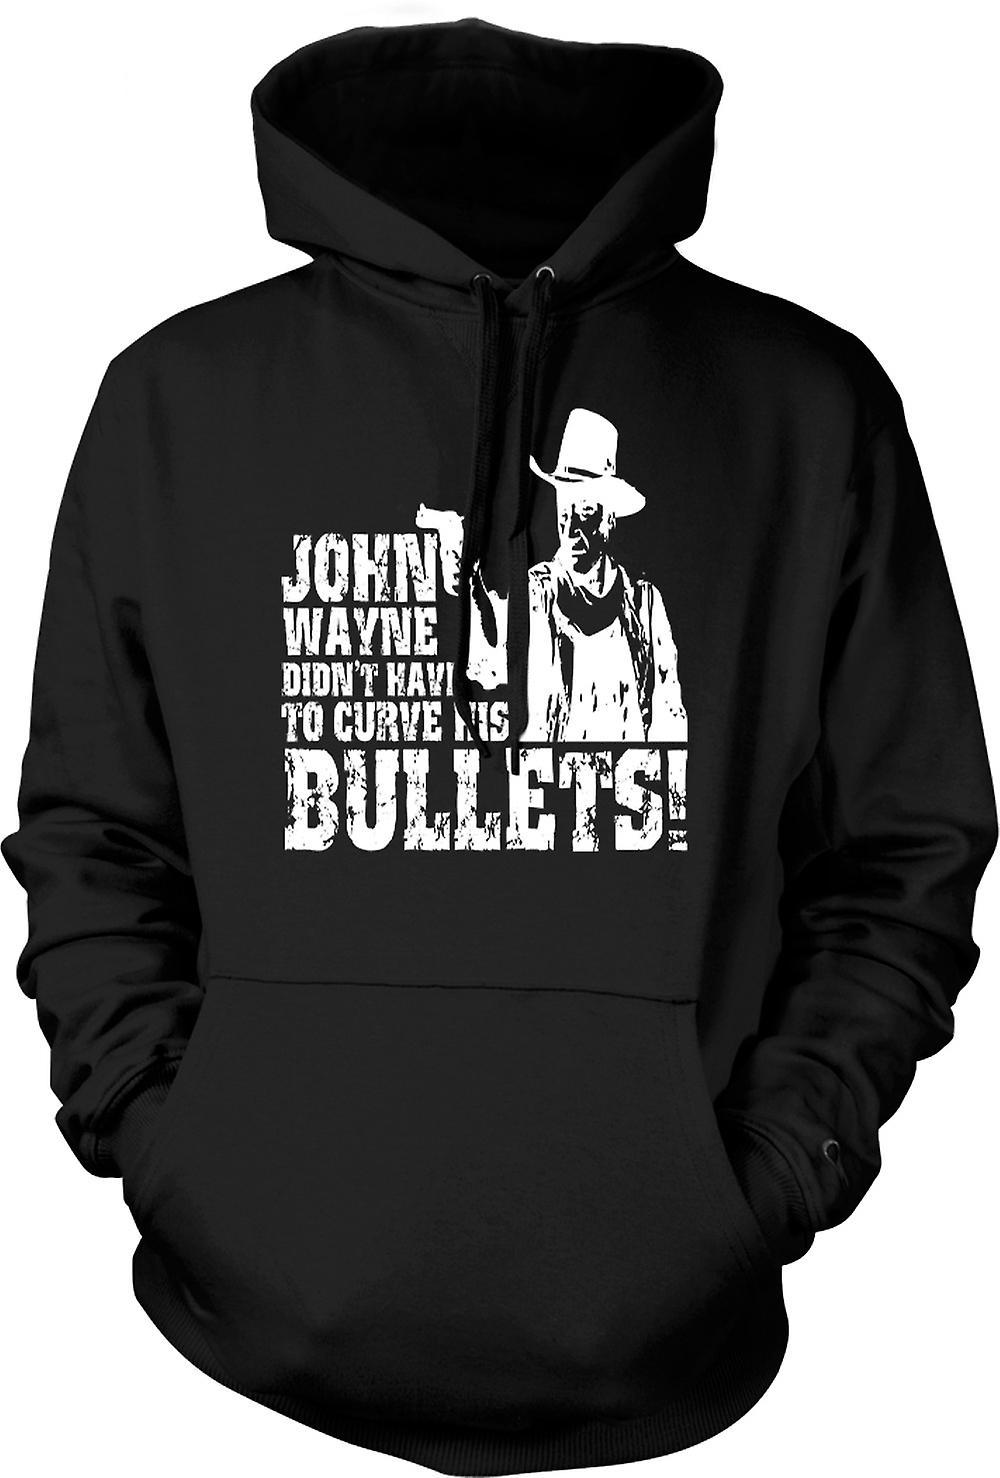 Mens Hoodie - John Wayne gebogen - Cowboy